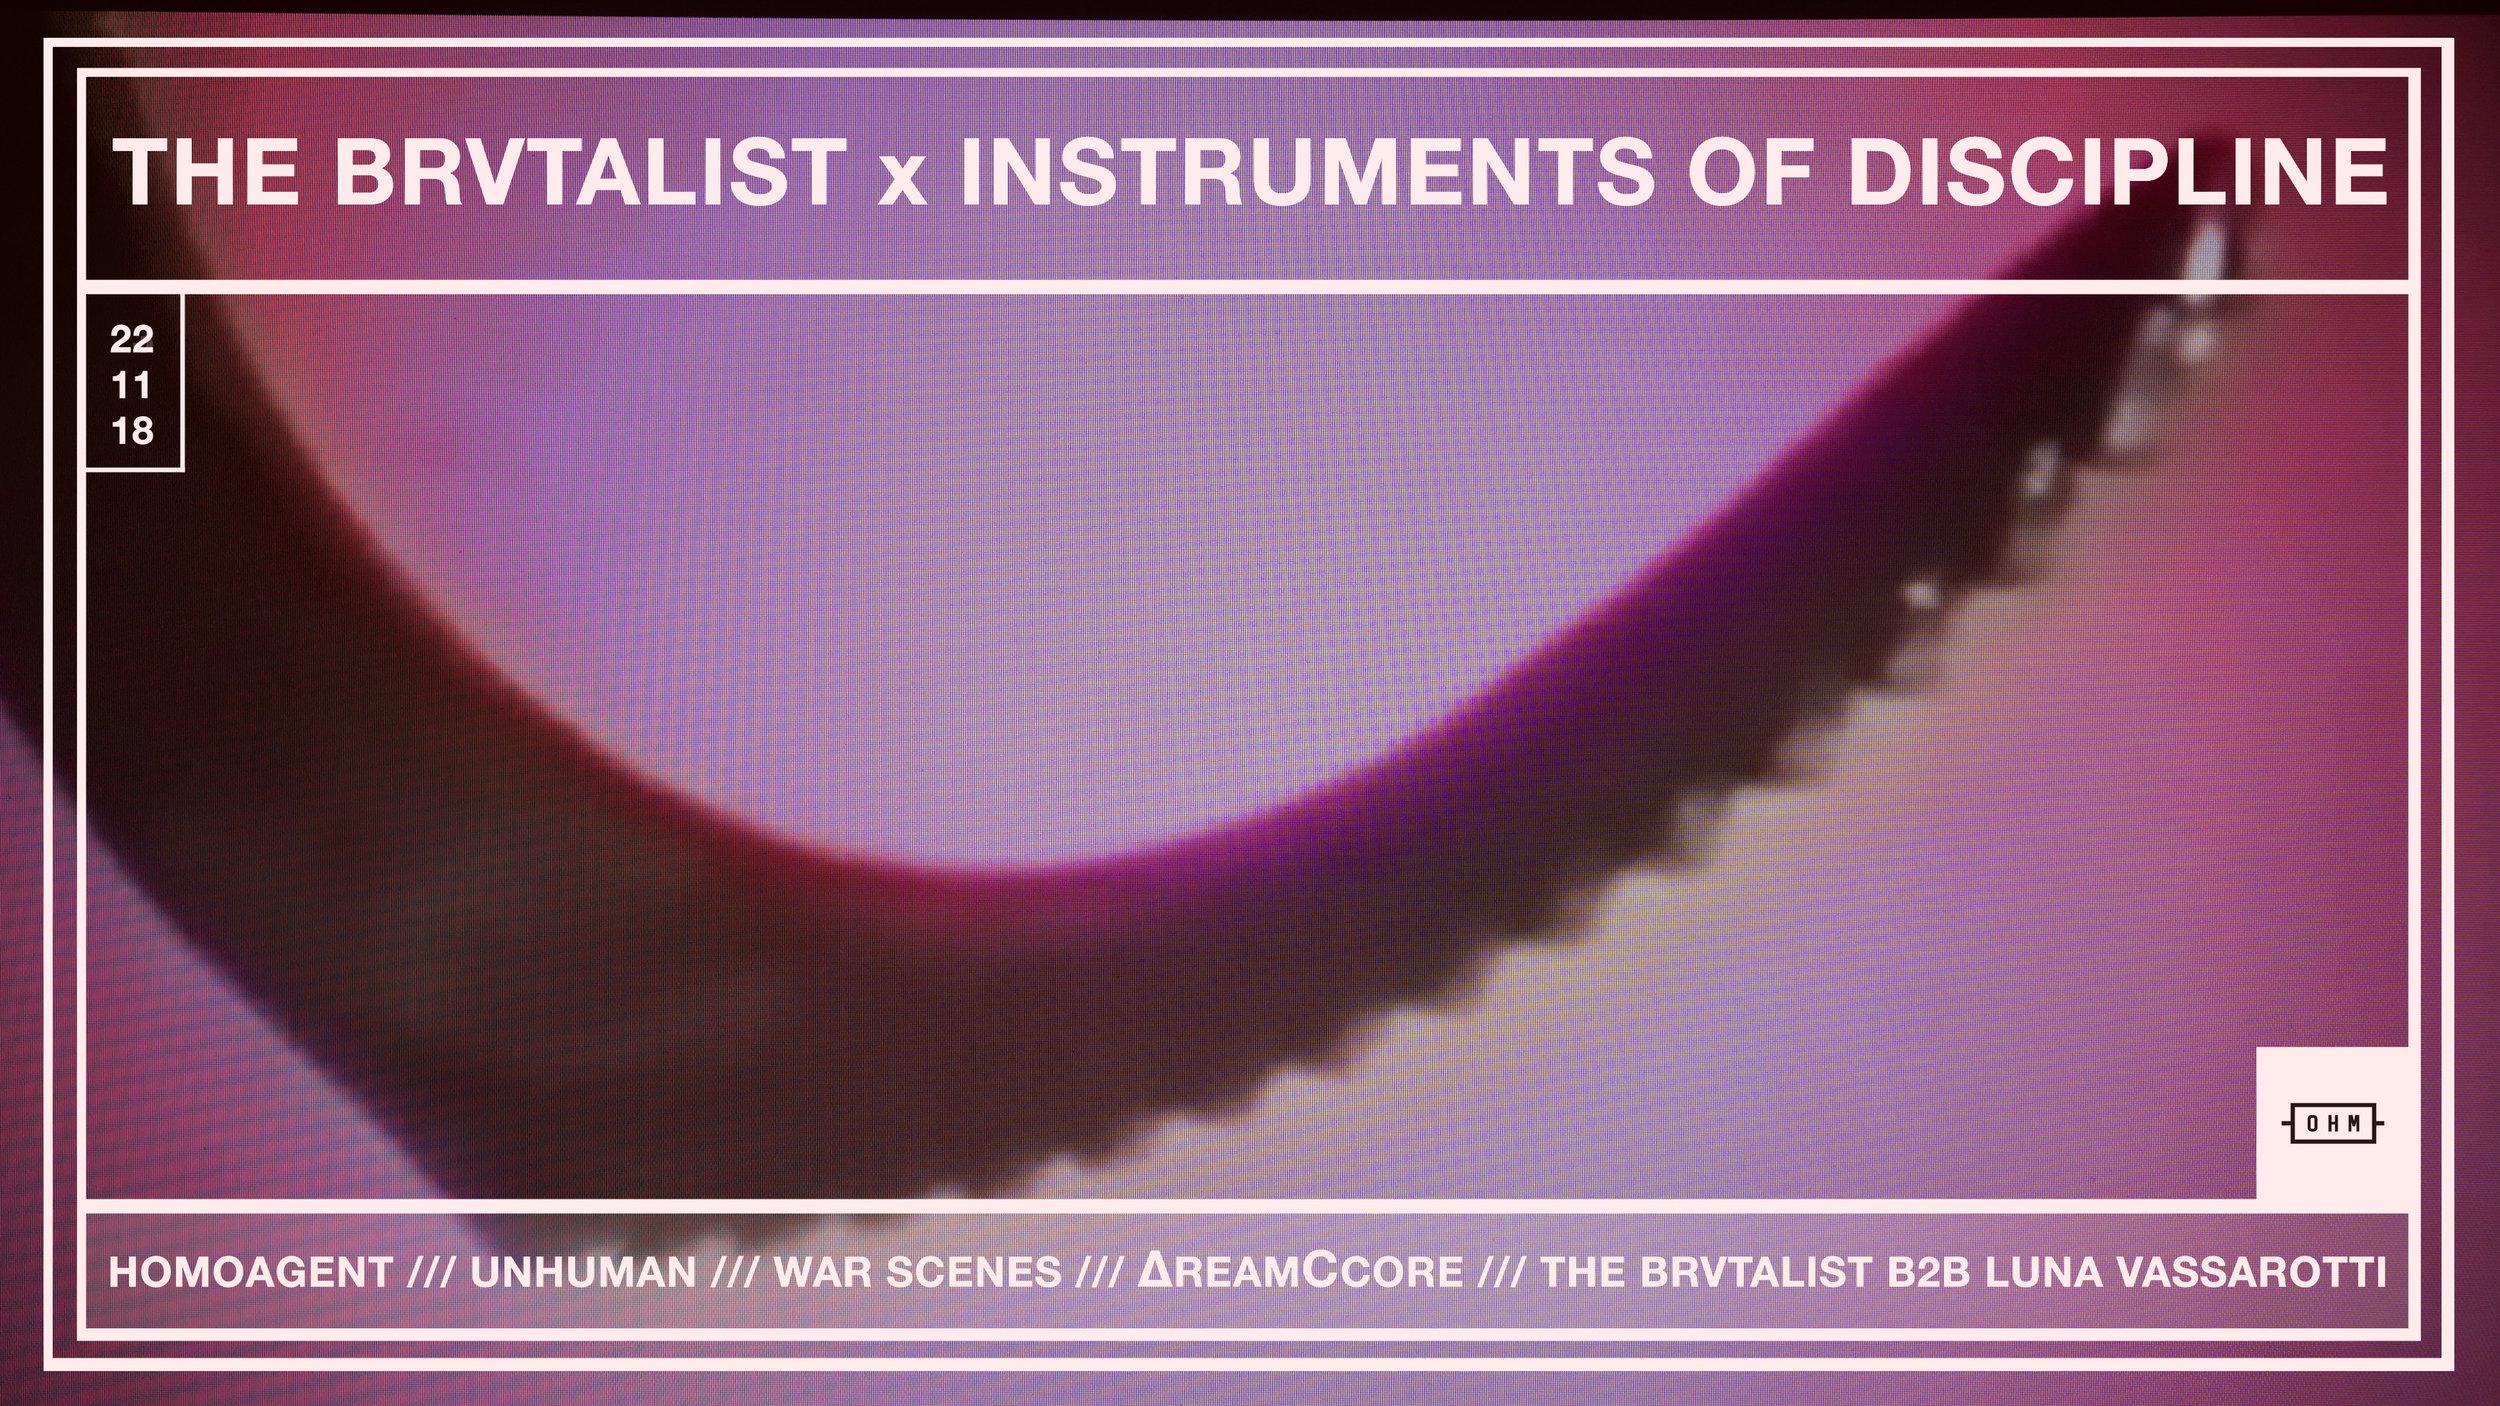 IODOHM x Brvtalist, event banner.jpg